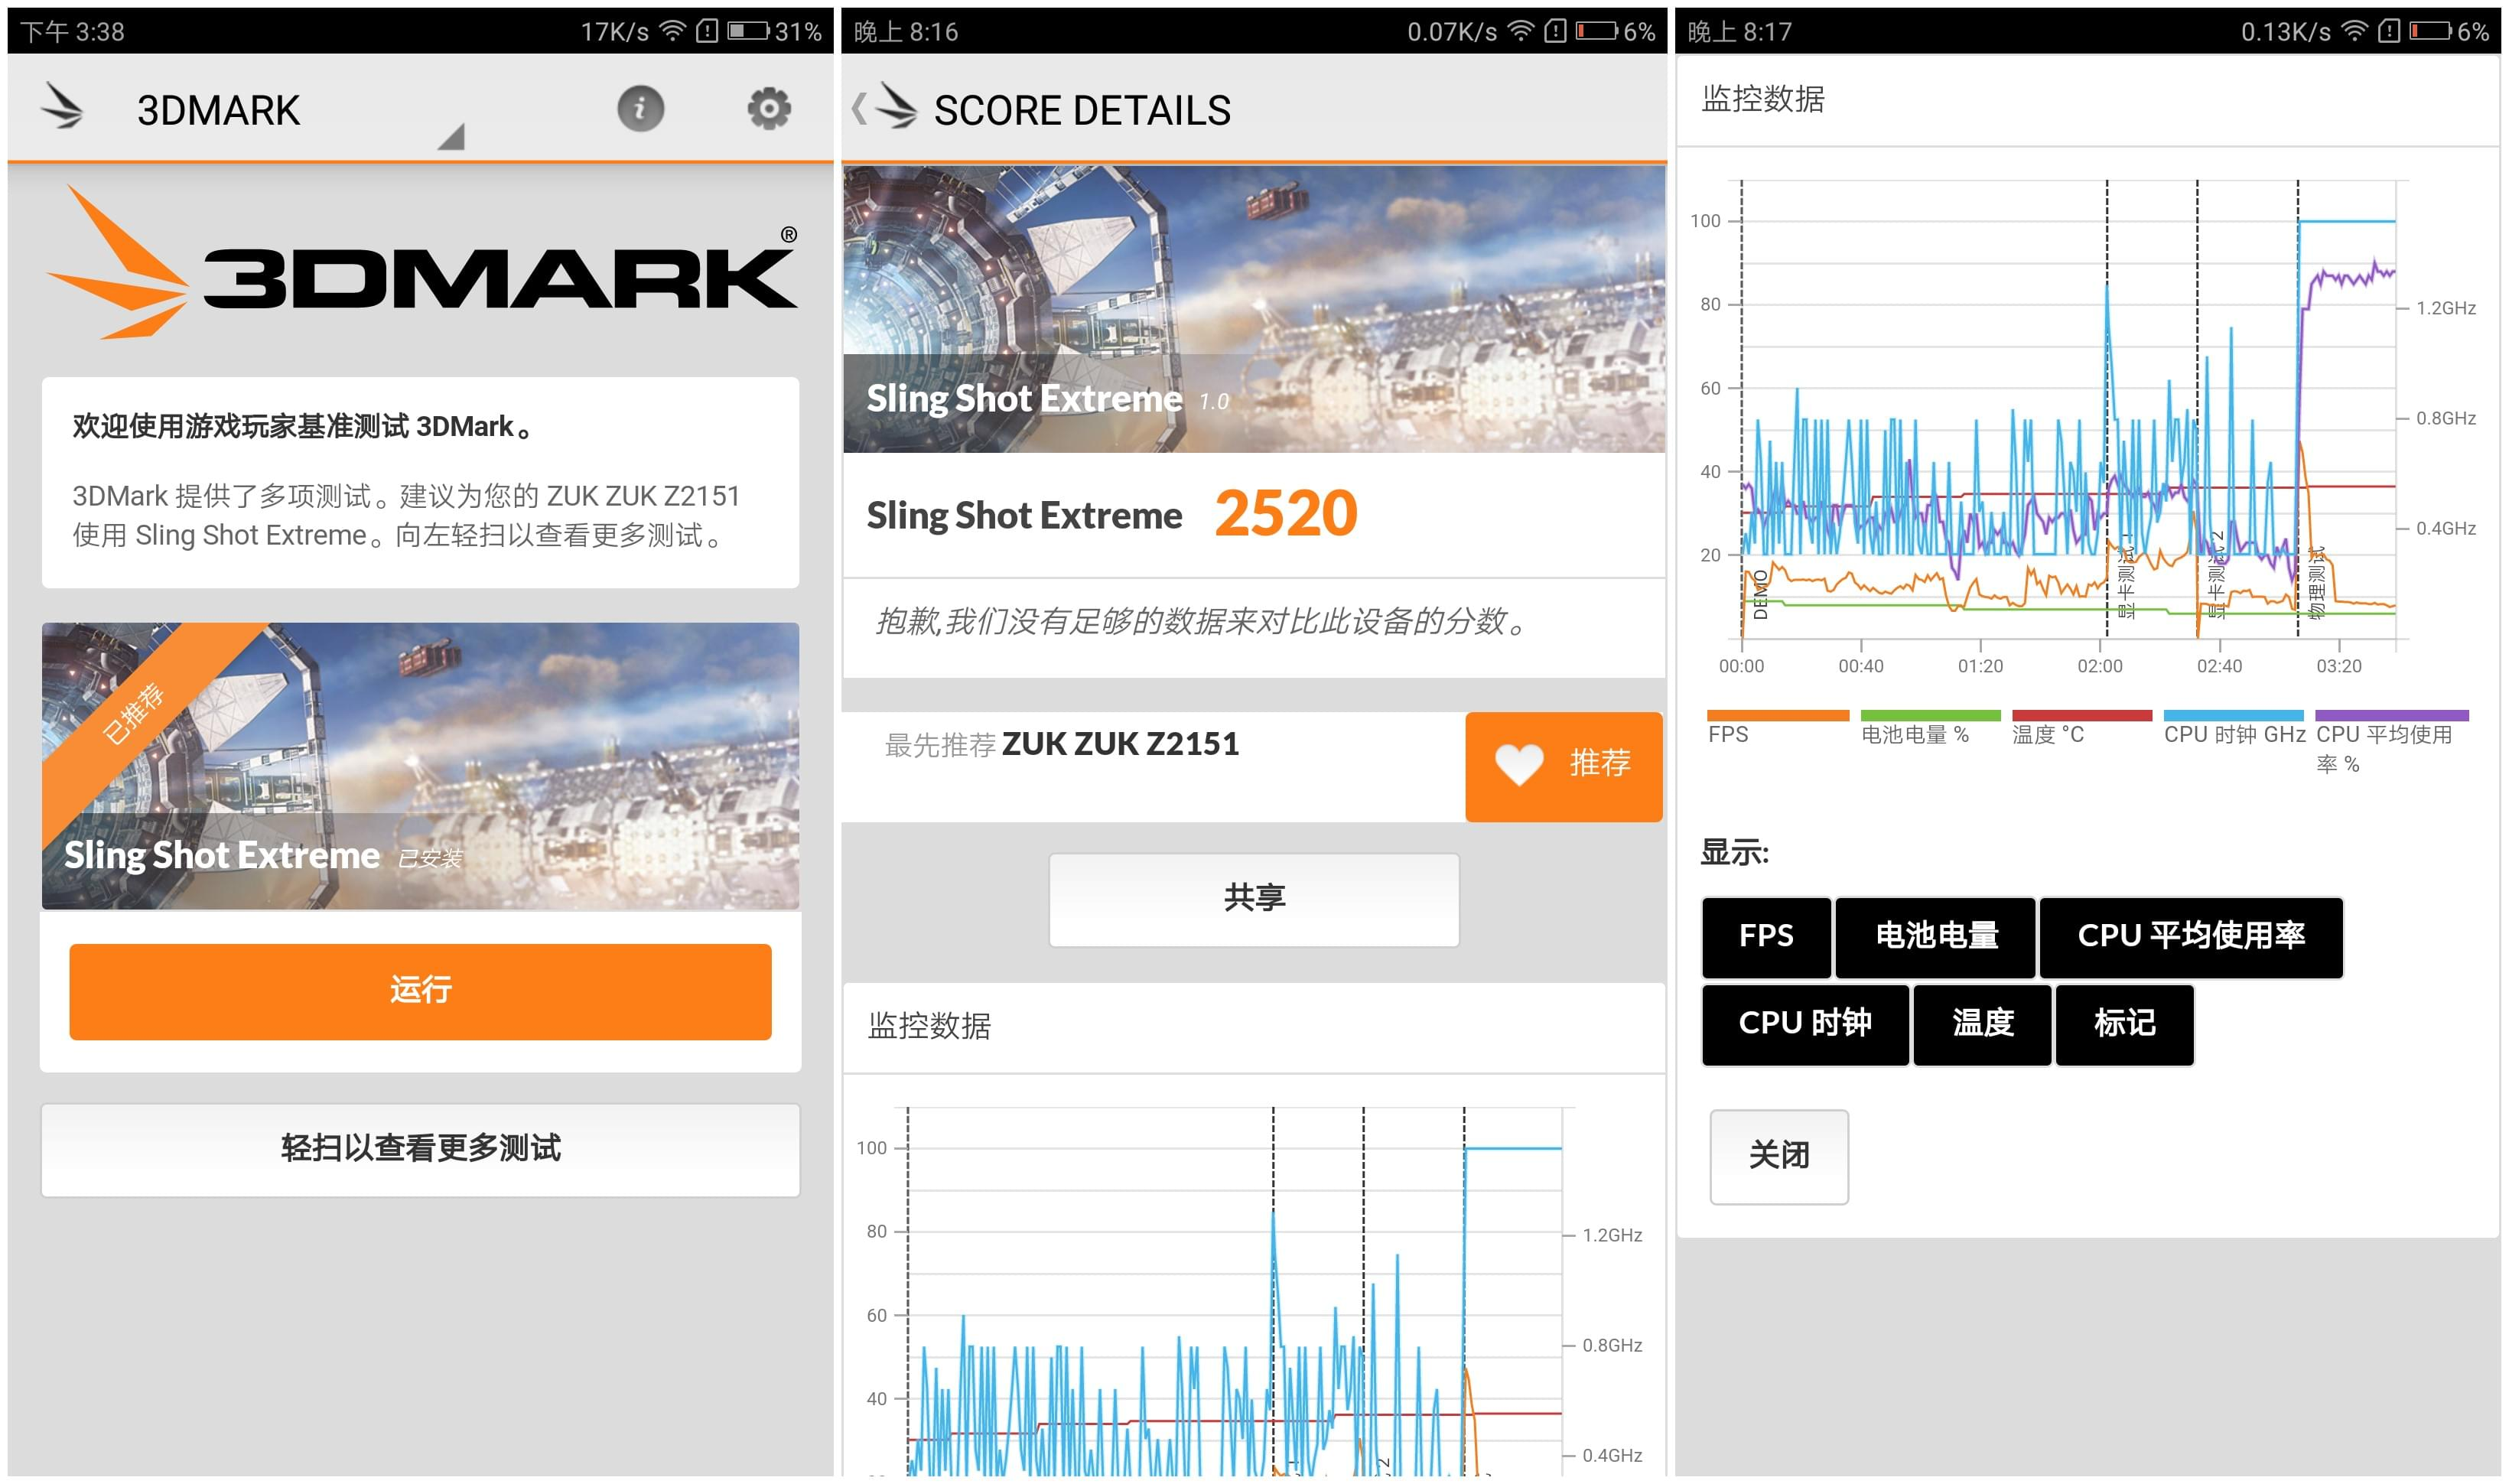 舒适手感+超高屏占比:联想ZUK Edge详细评测的照片 - 23